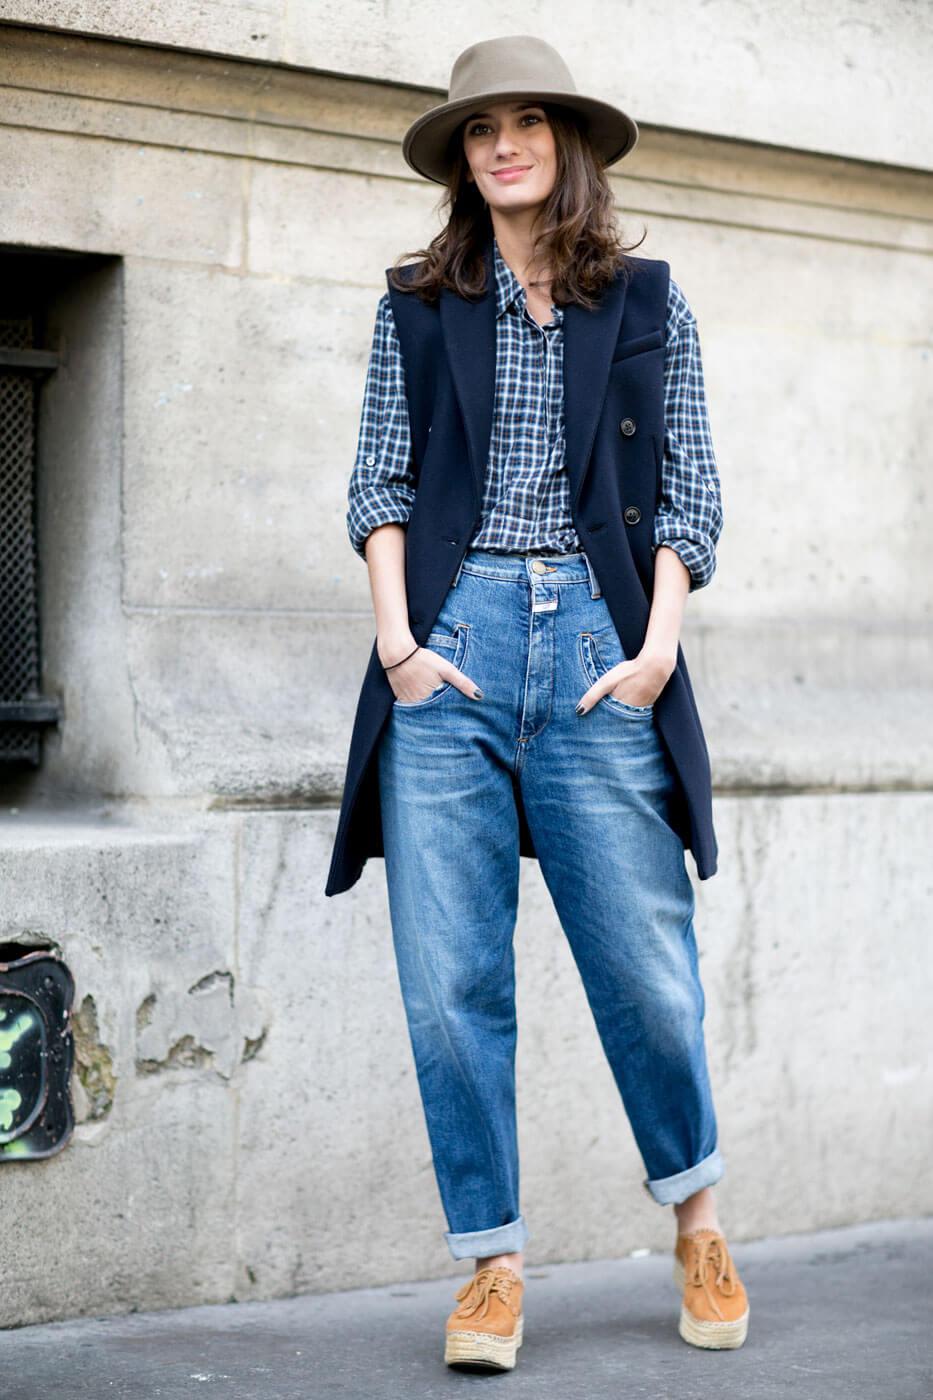 джинсы слоучи с шляпа и пиджак